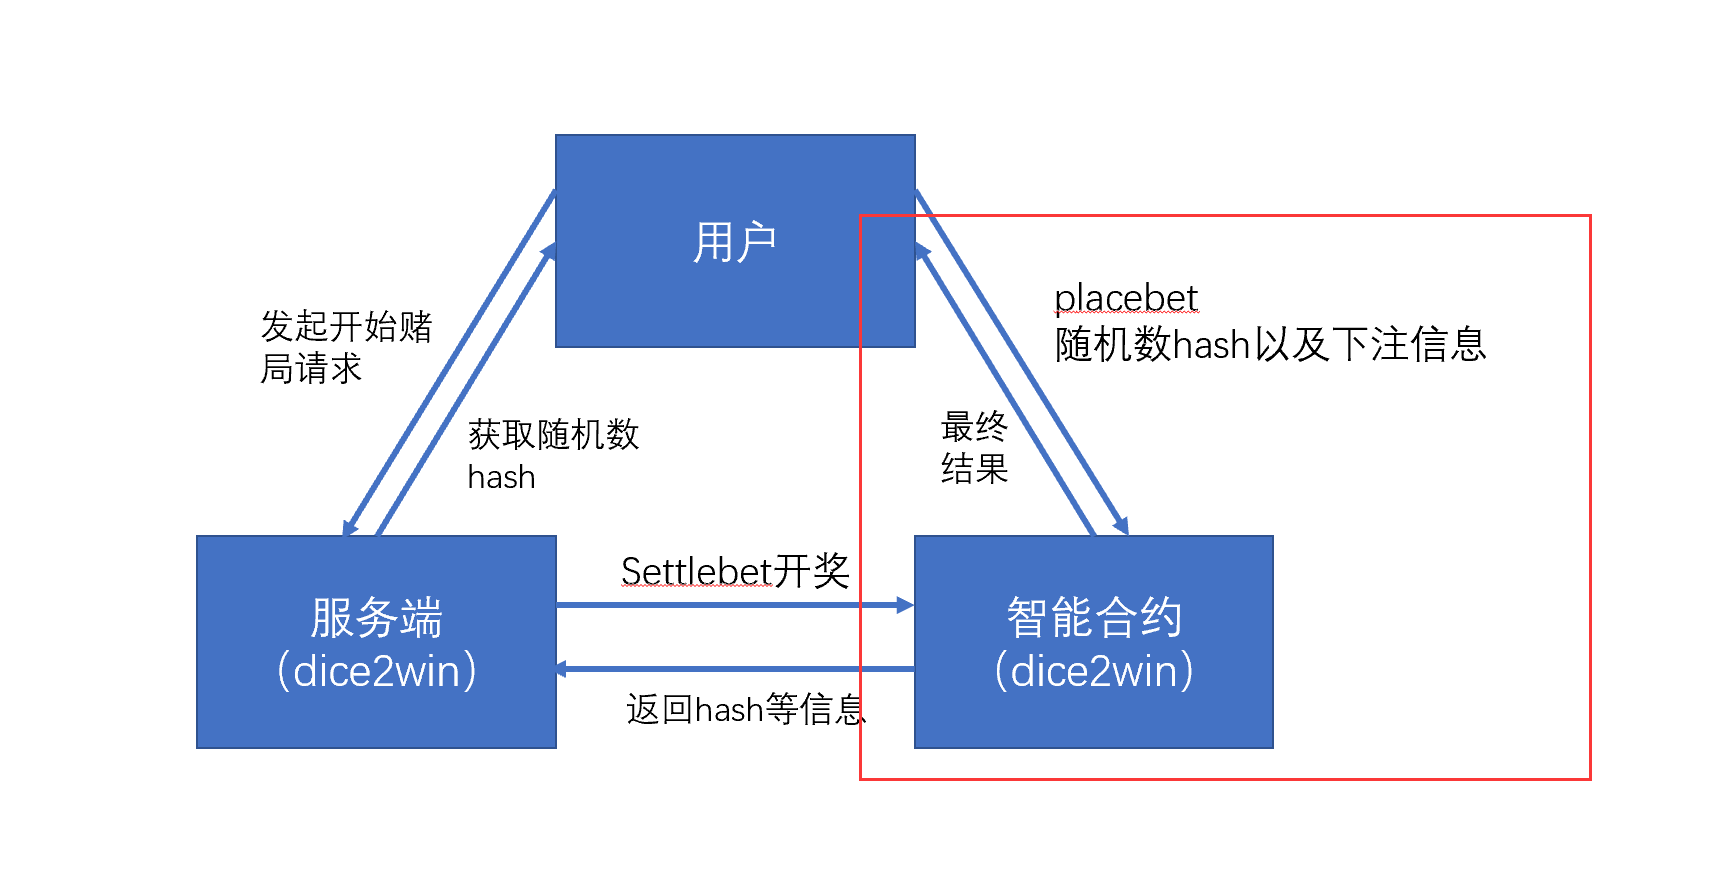 image.png-75.4kB